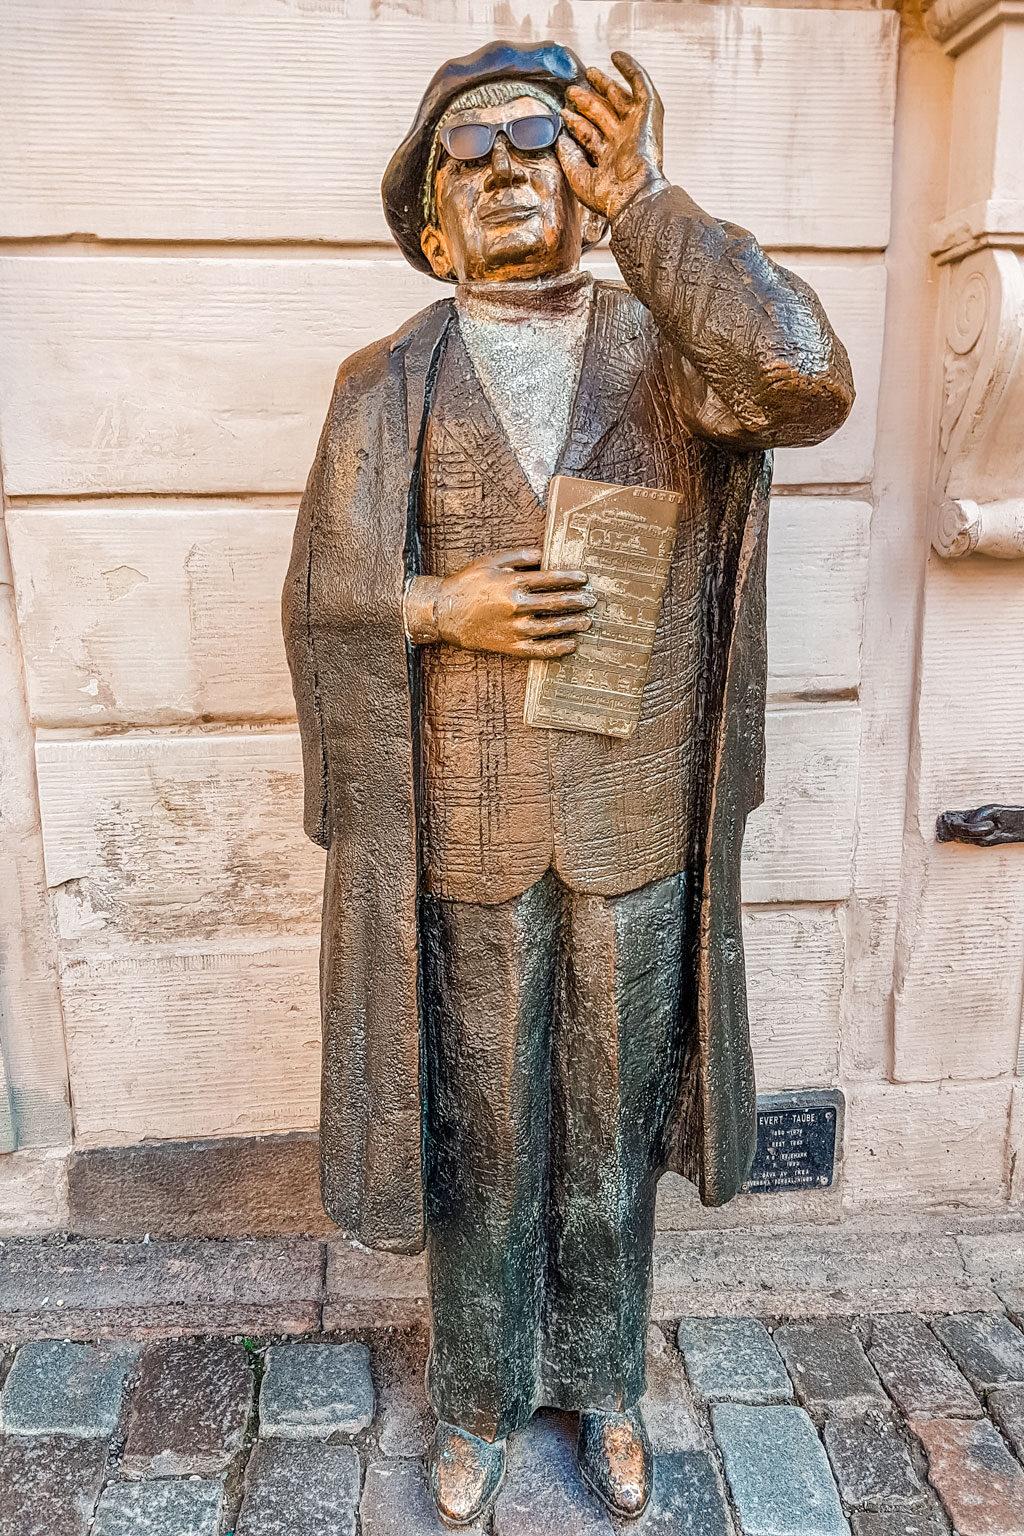 Statue of Evert Taube